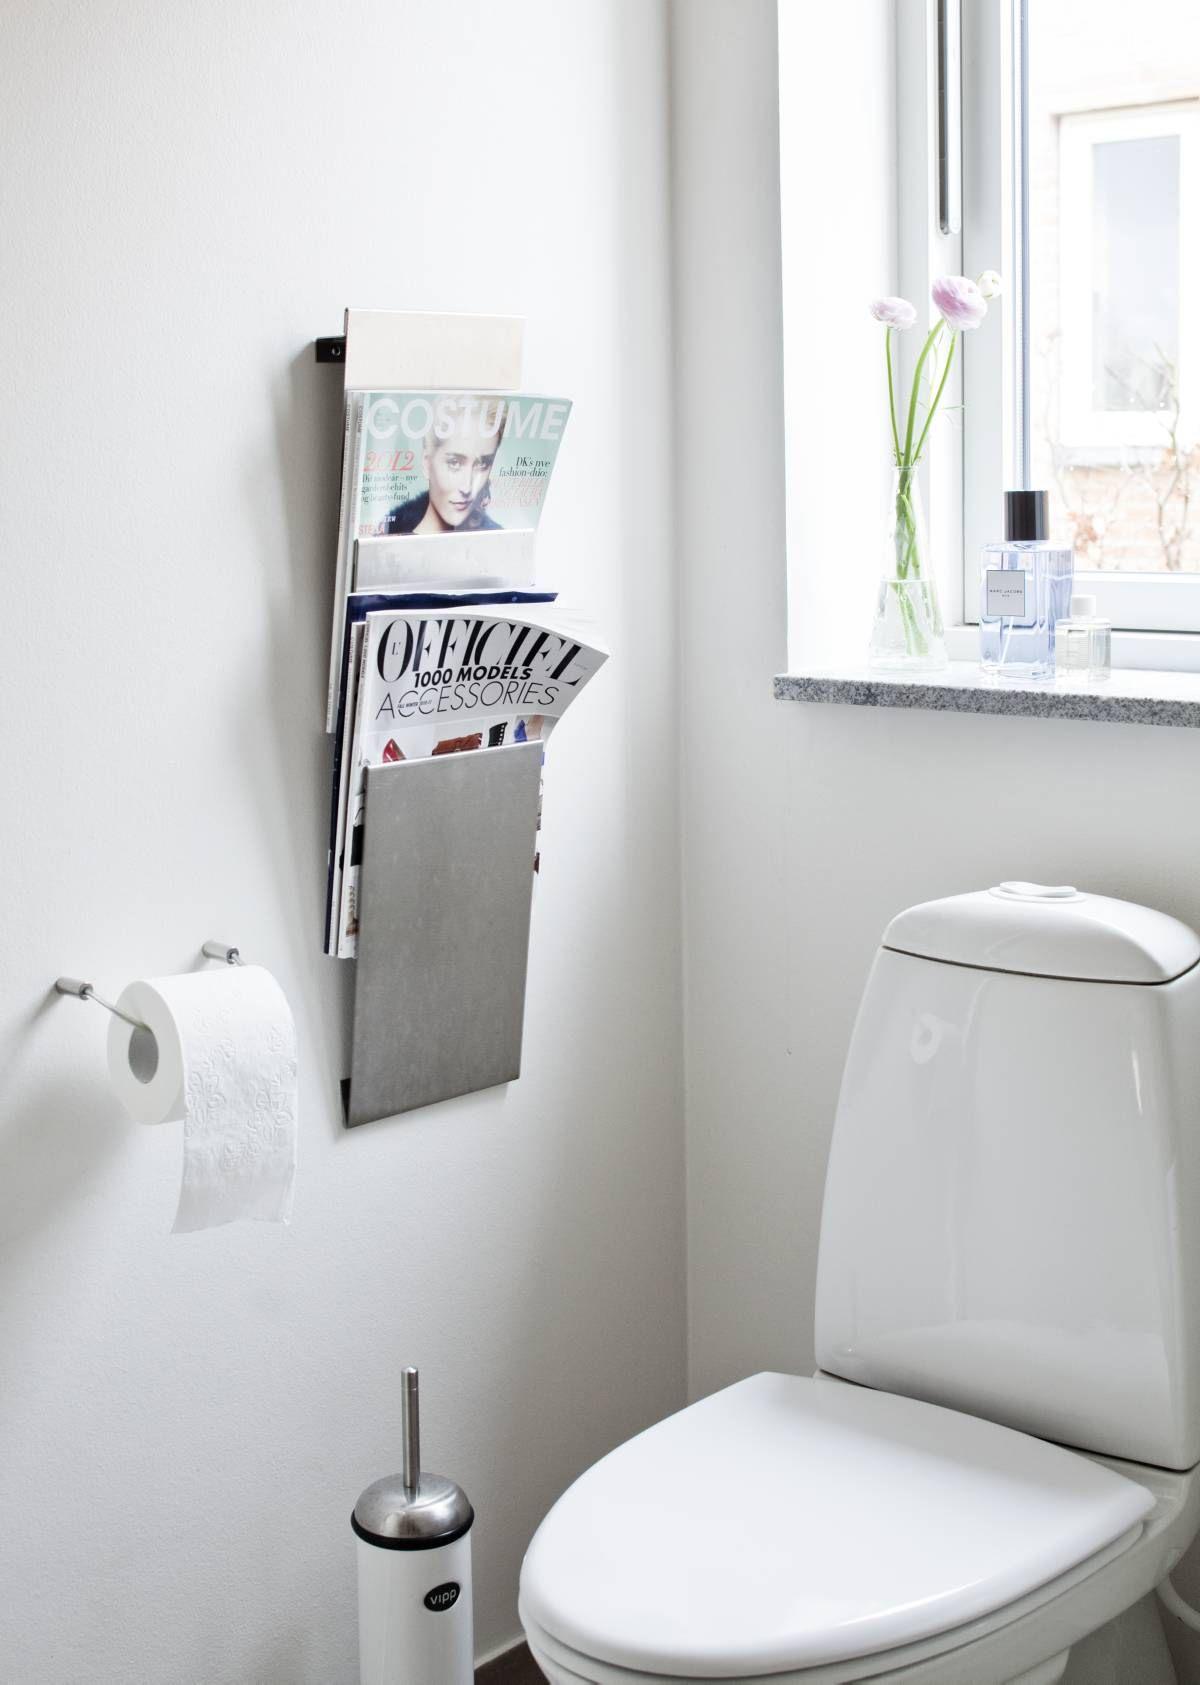 Edellisessä asunnossa ollut lehtiteline puolitettiin ja sijoitettiin vanhempien kylpyhuoneeseen.